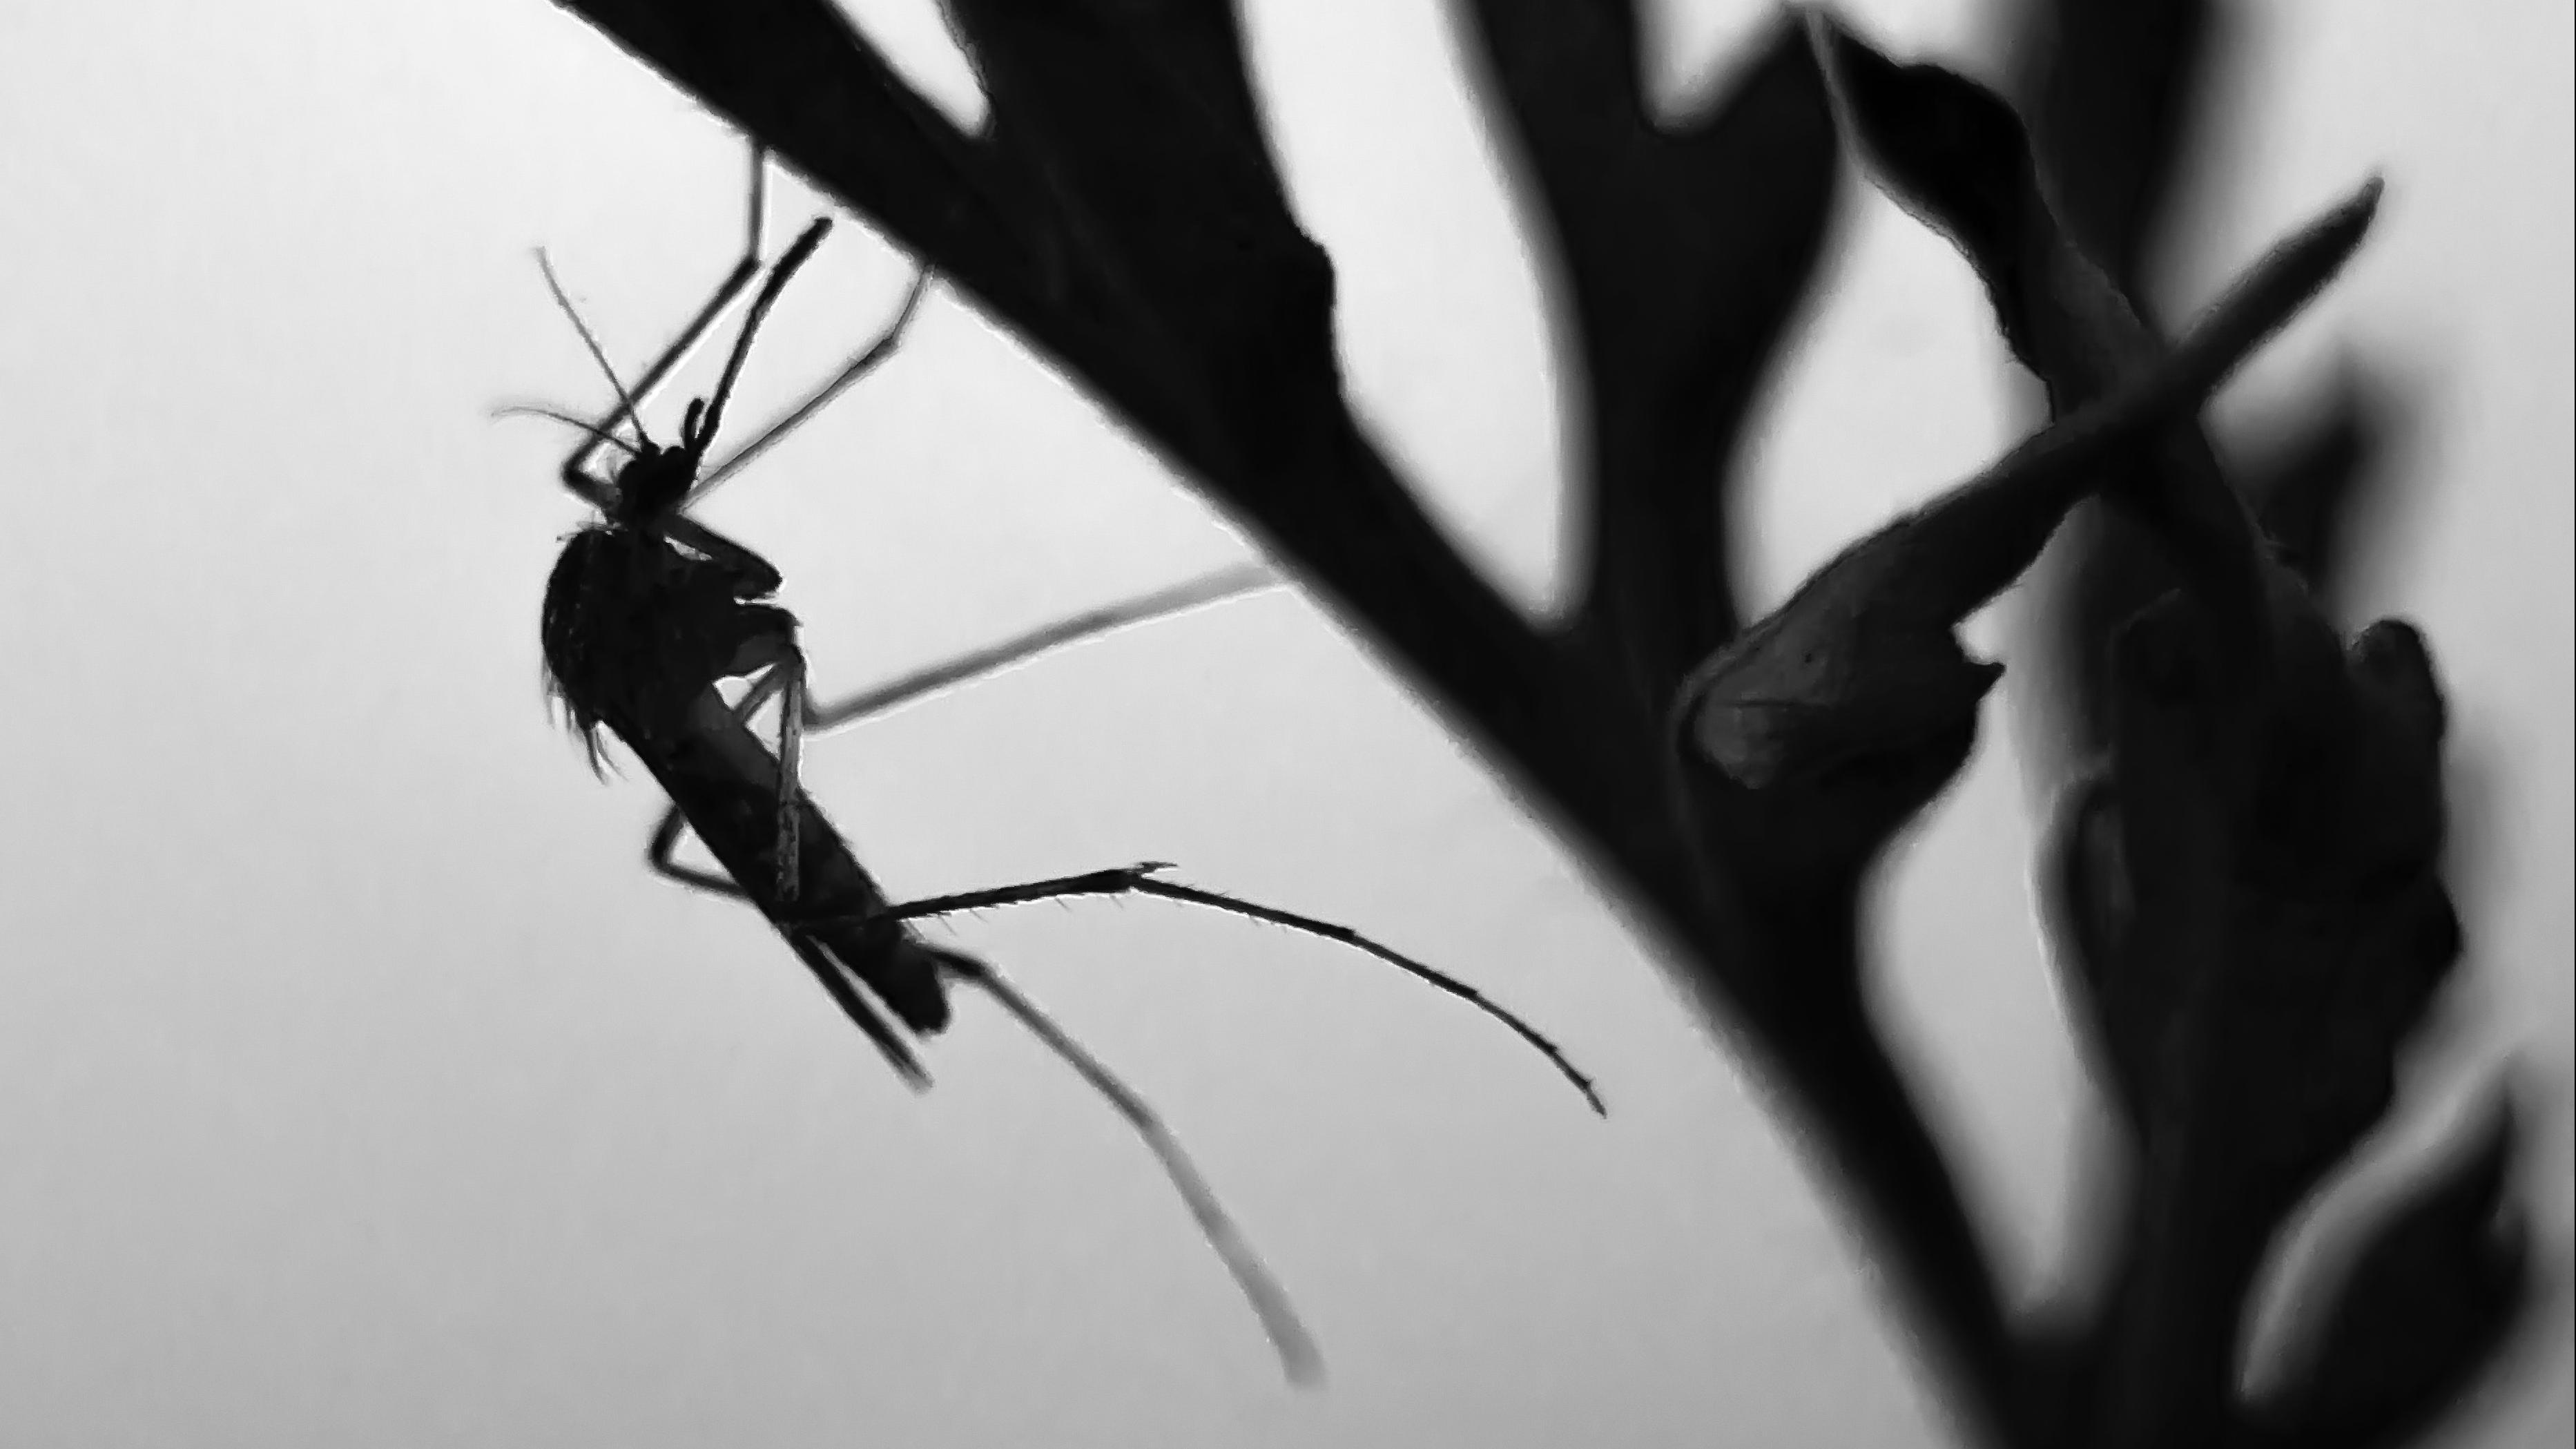 Mückenstich am Auge: Das hilft sofort